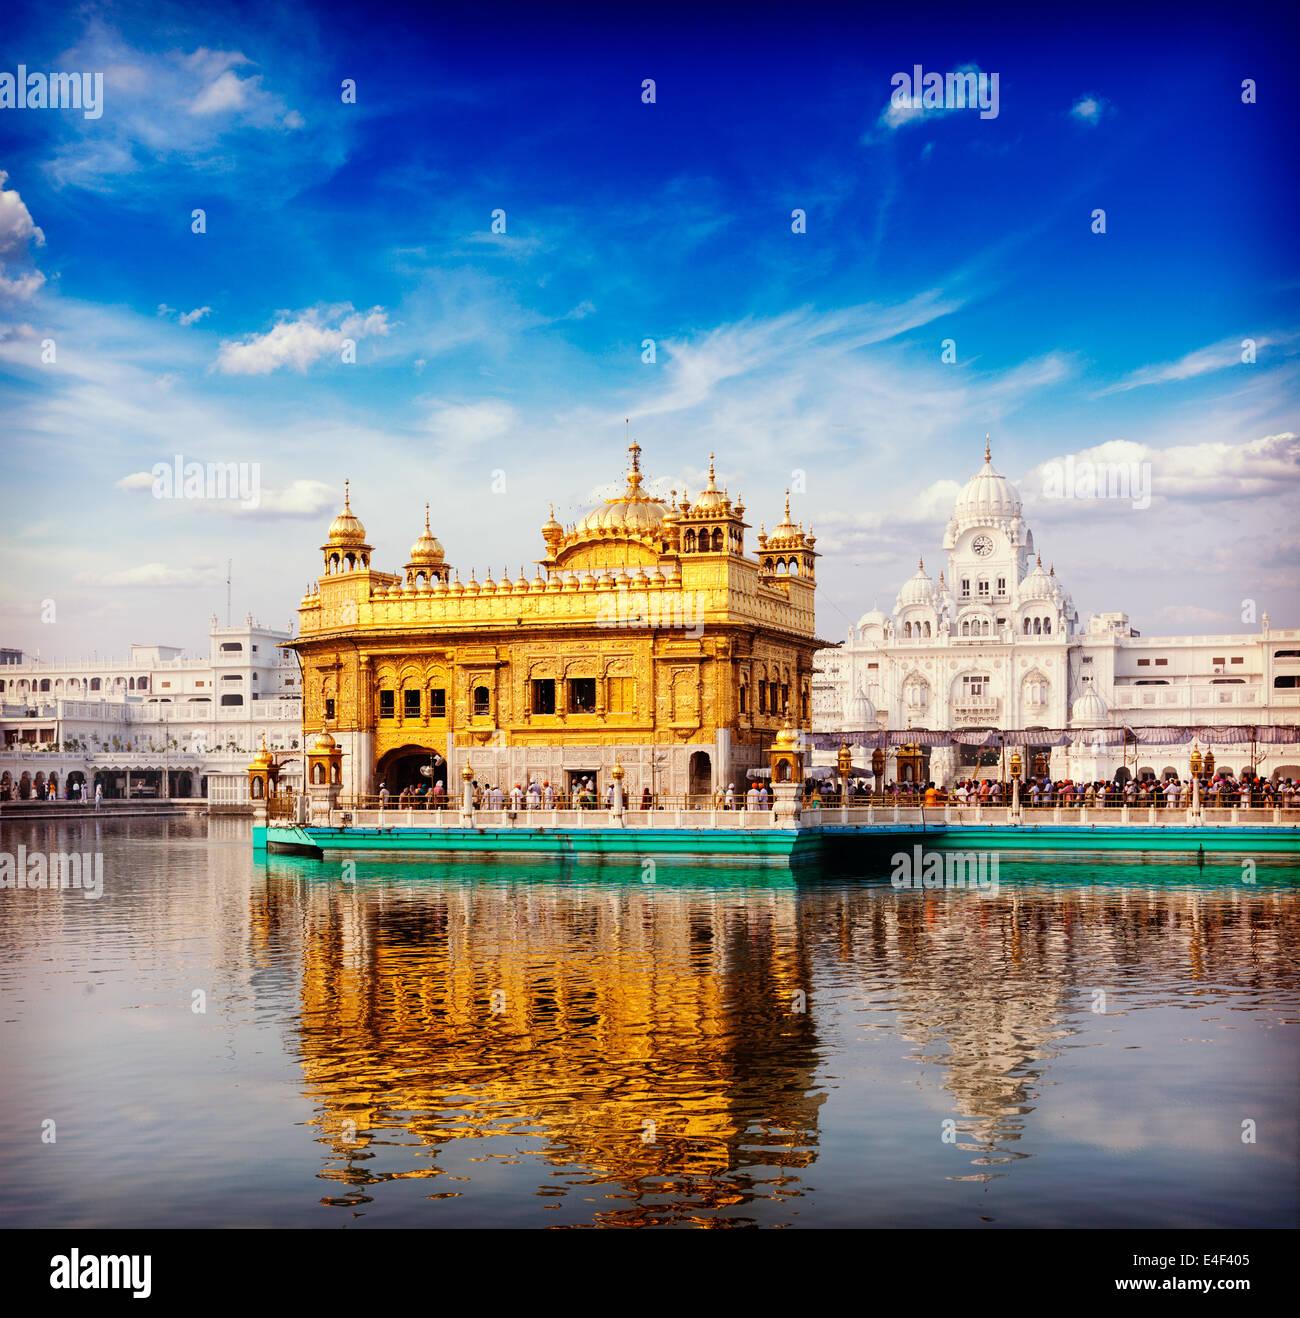 Vintage retrò hipster stile immagine di viaggio del famoso India attrazione Gurdwara Sikh Tempio d'Oro Immagini Stock